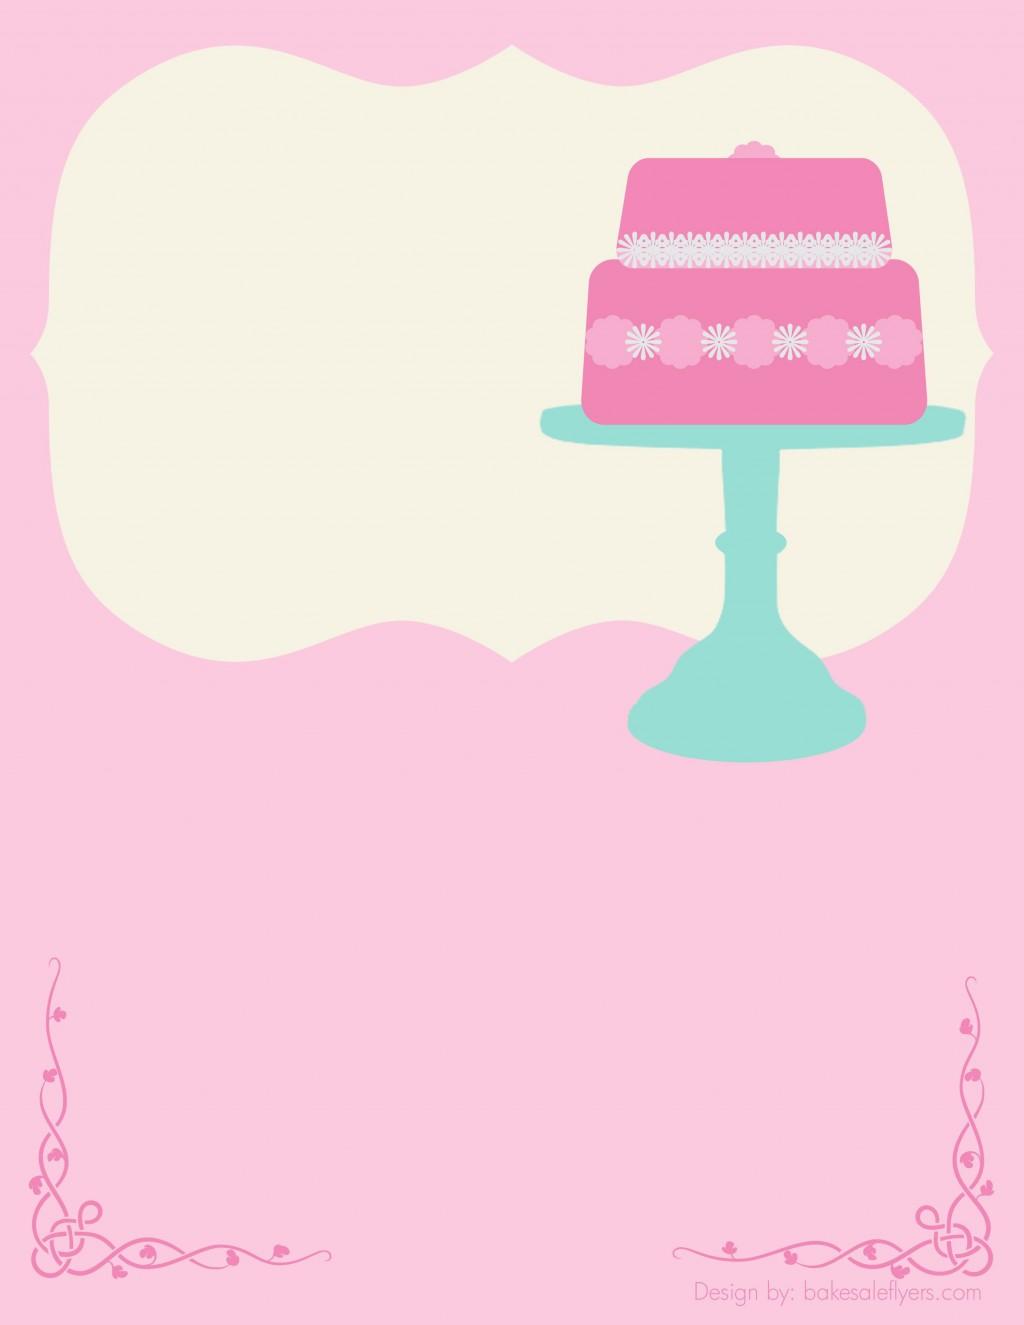 002 Remarkable Valentine Bake Sale Flyer Template Free Sample  Valentine'Large